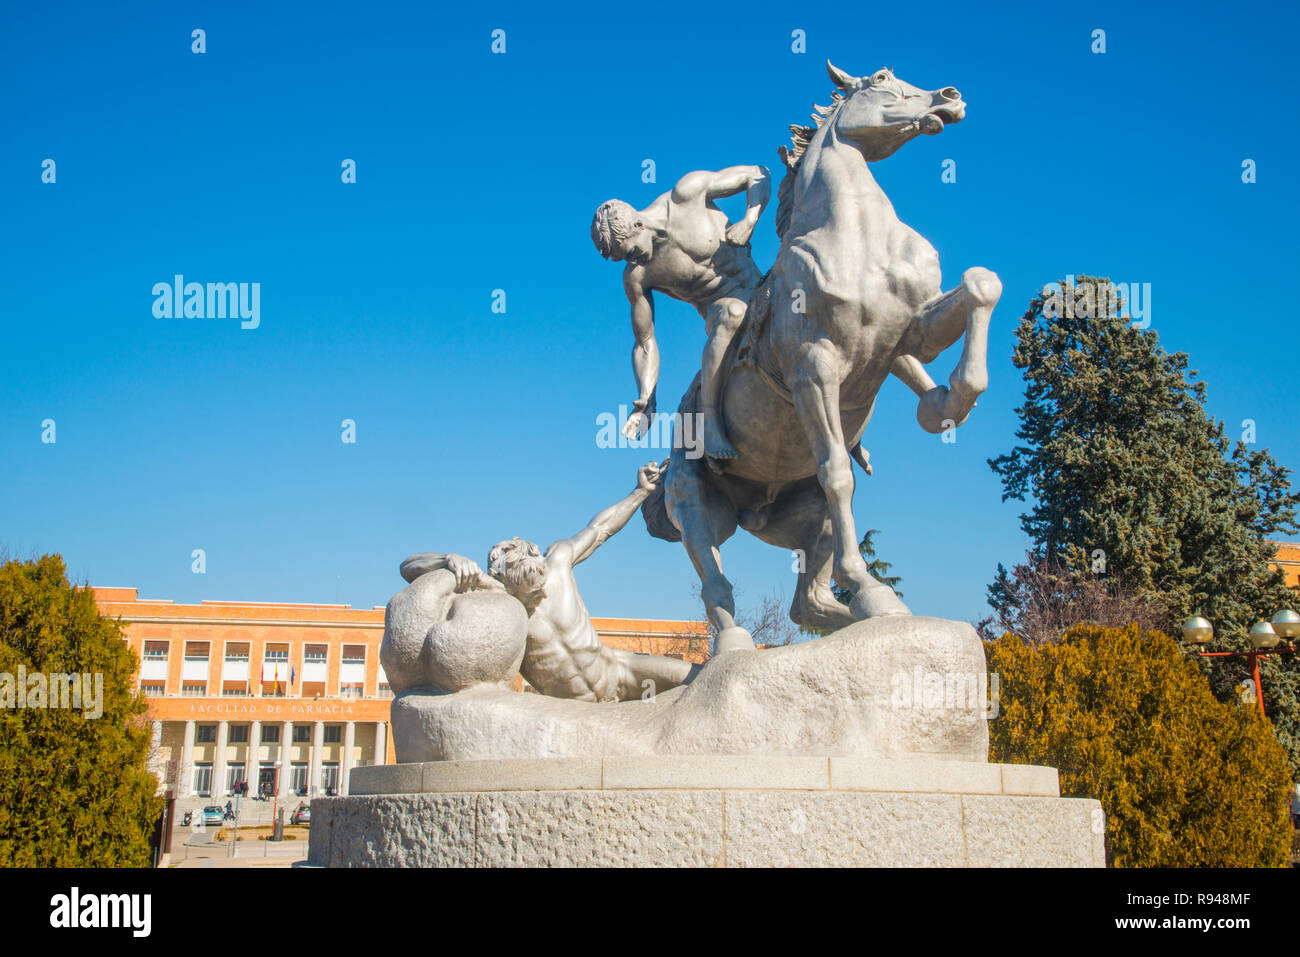 Los portadores de la antorcha, sculpture by Anne Hyatt Huntington. Ciudad Universitaria, Madrid, Spain. - Stock Image